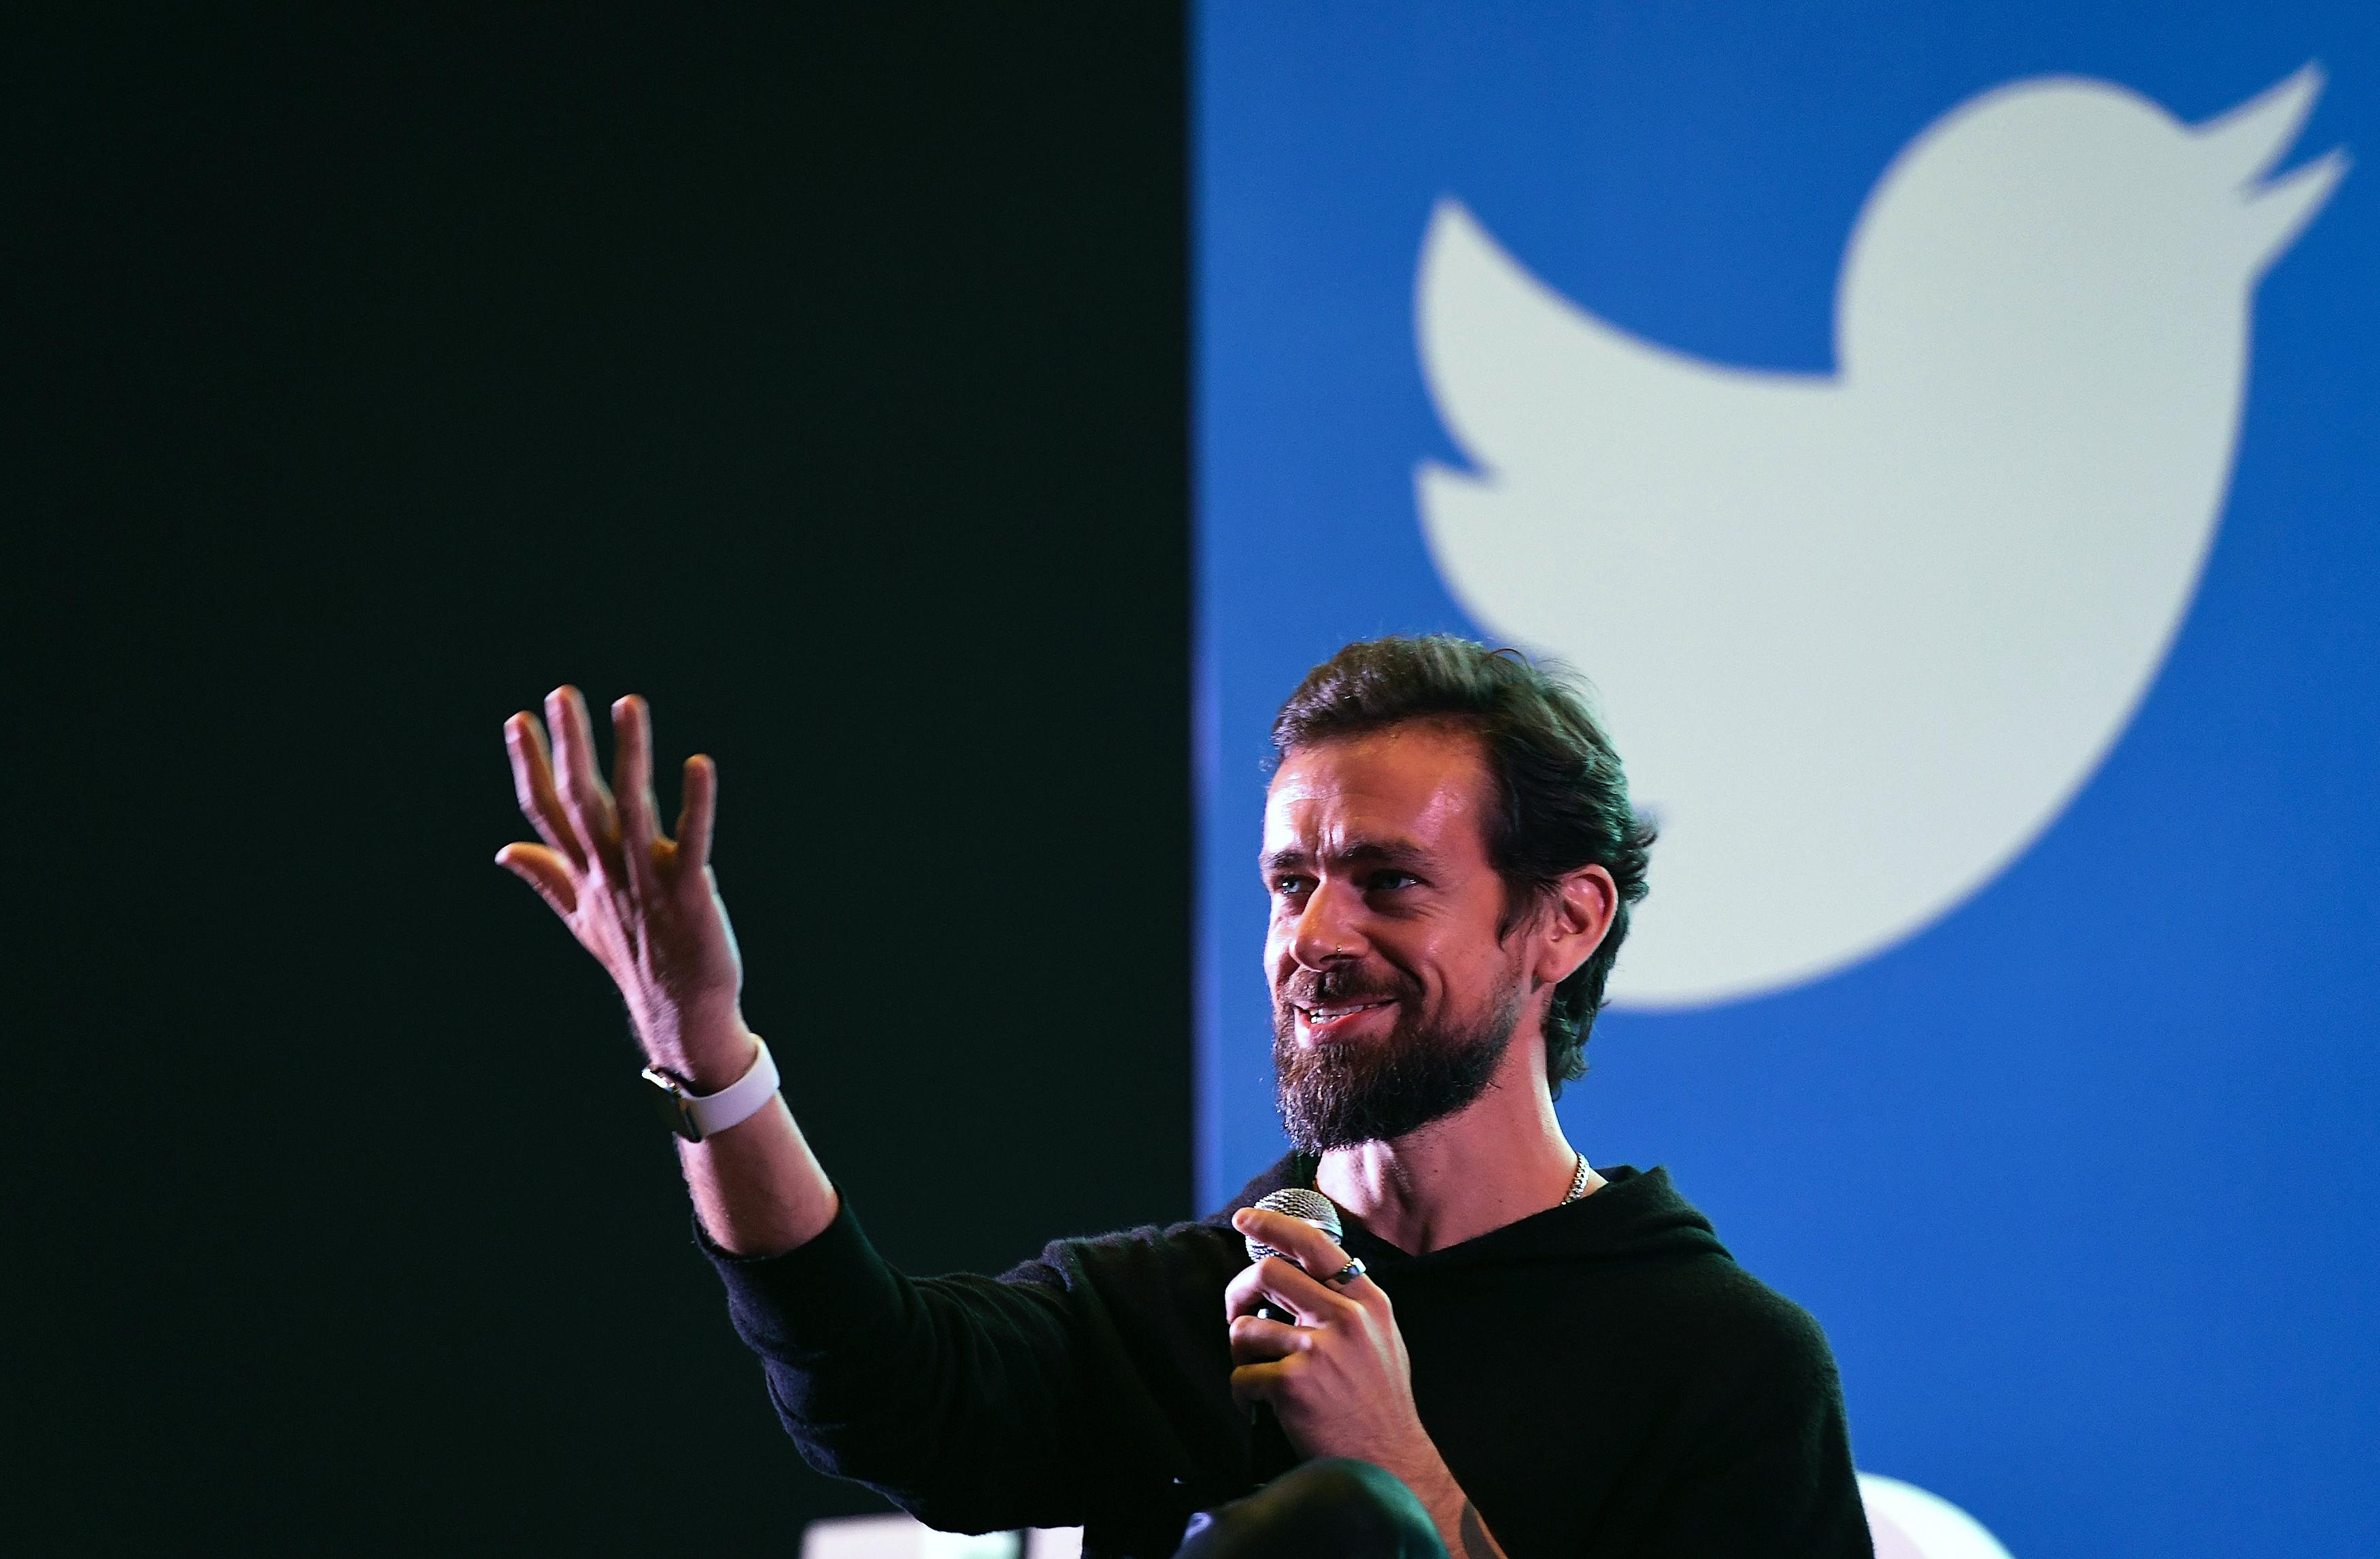 2,9 millió dollárnyi kriptovaluáért árverezték el Jack Dorsey első Twitter-posztját